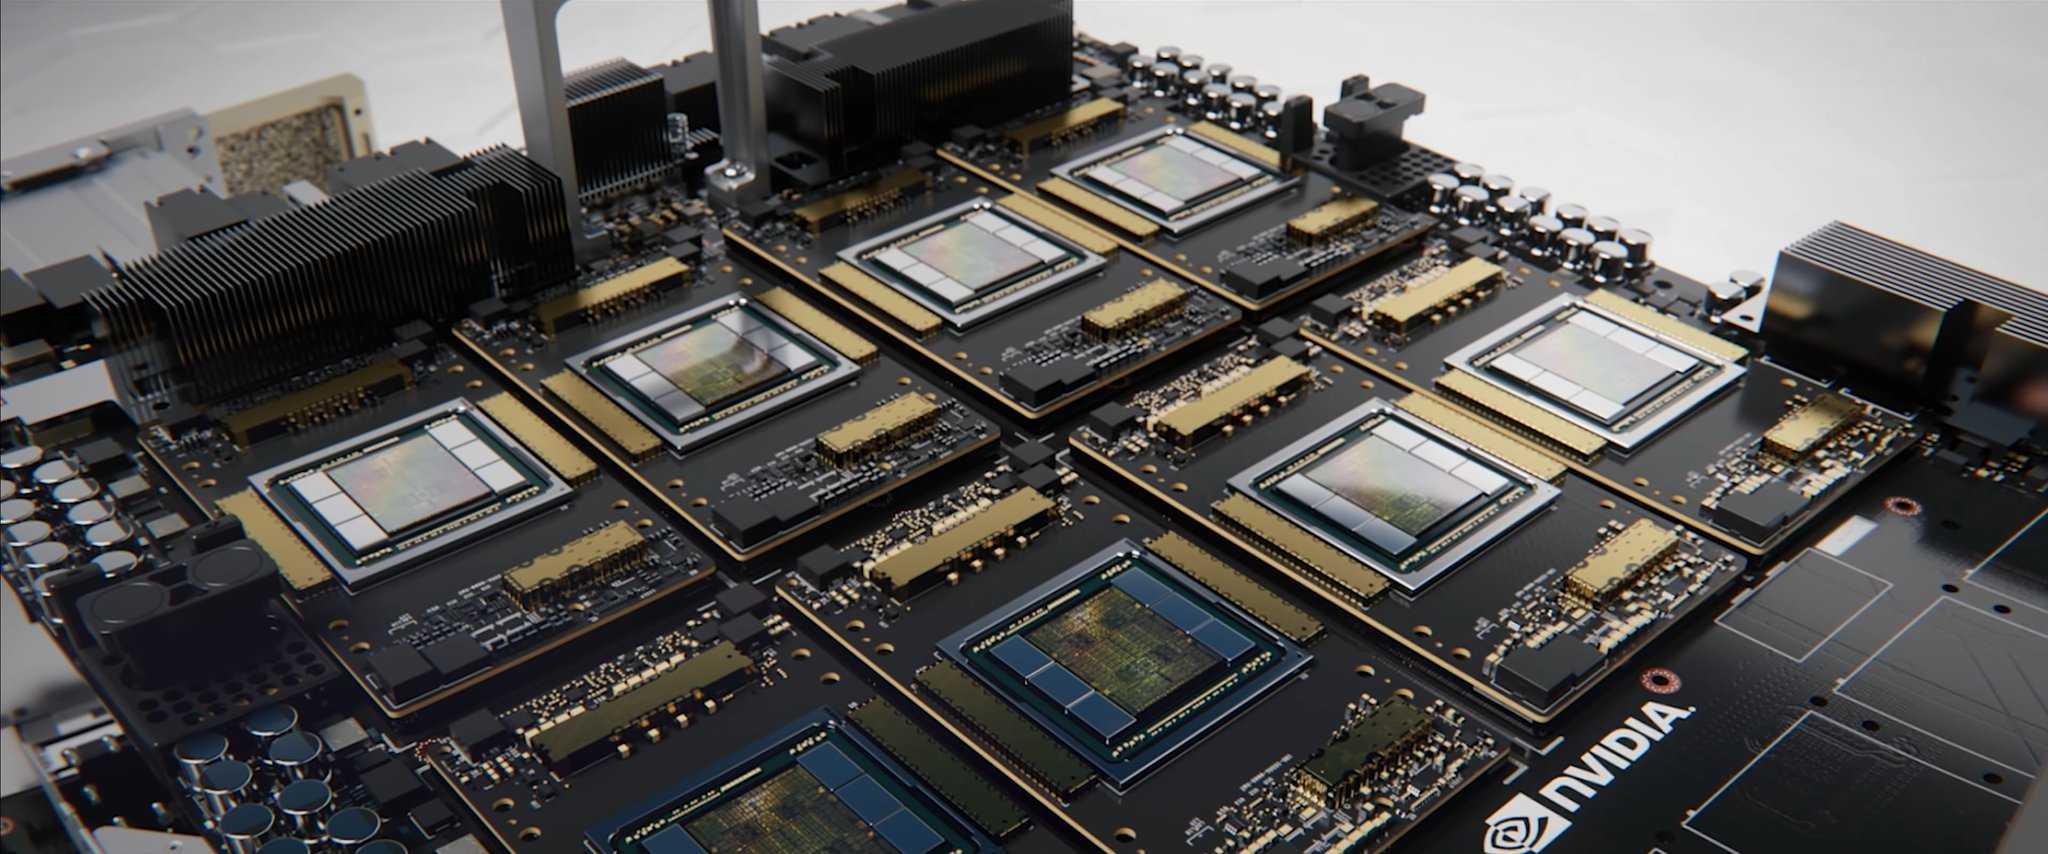 Intel, подвинься. amd пришла в ноутбуки. тест мобильного процессора ryzen 9 4900hs на примере ноутбука asus zephyrus g14 — игромания